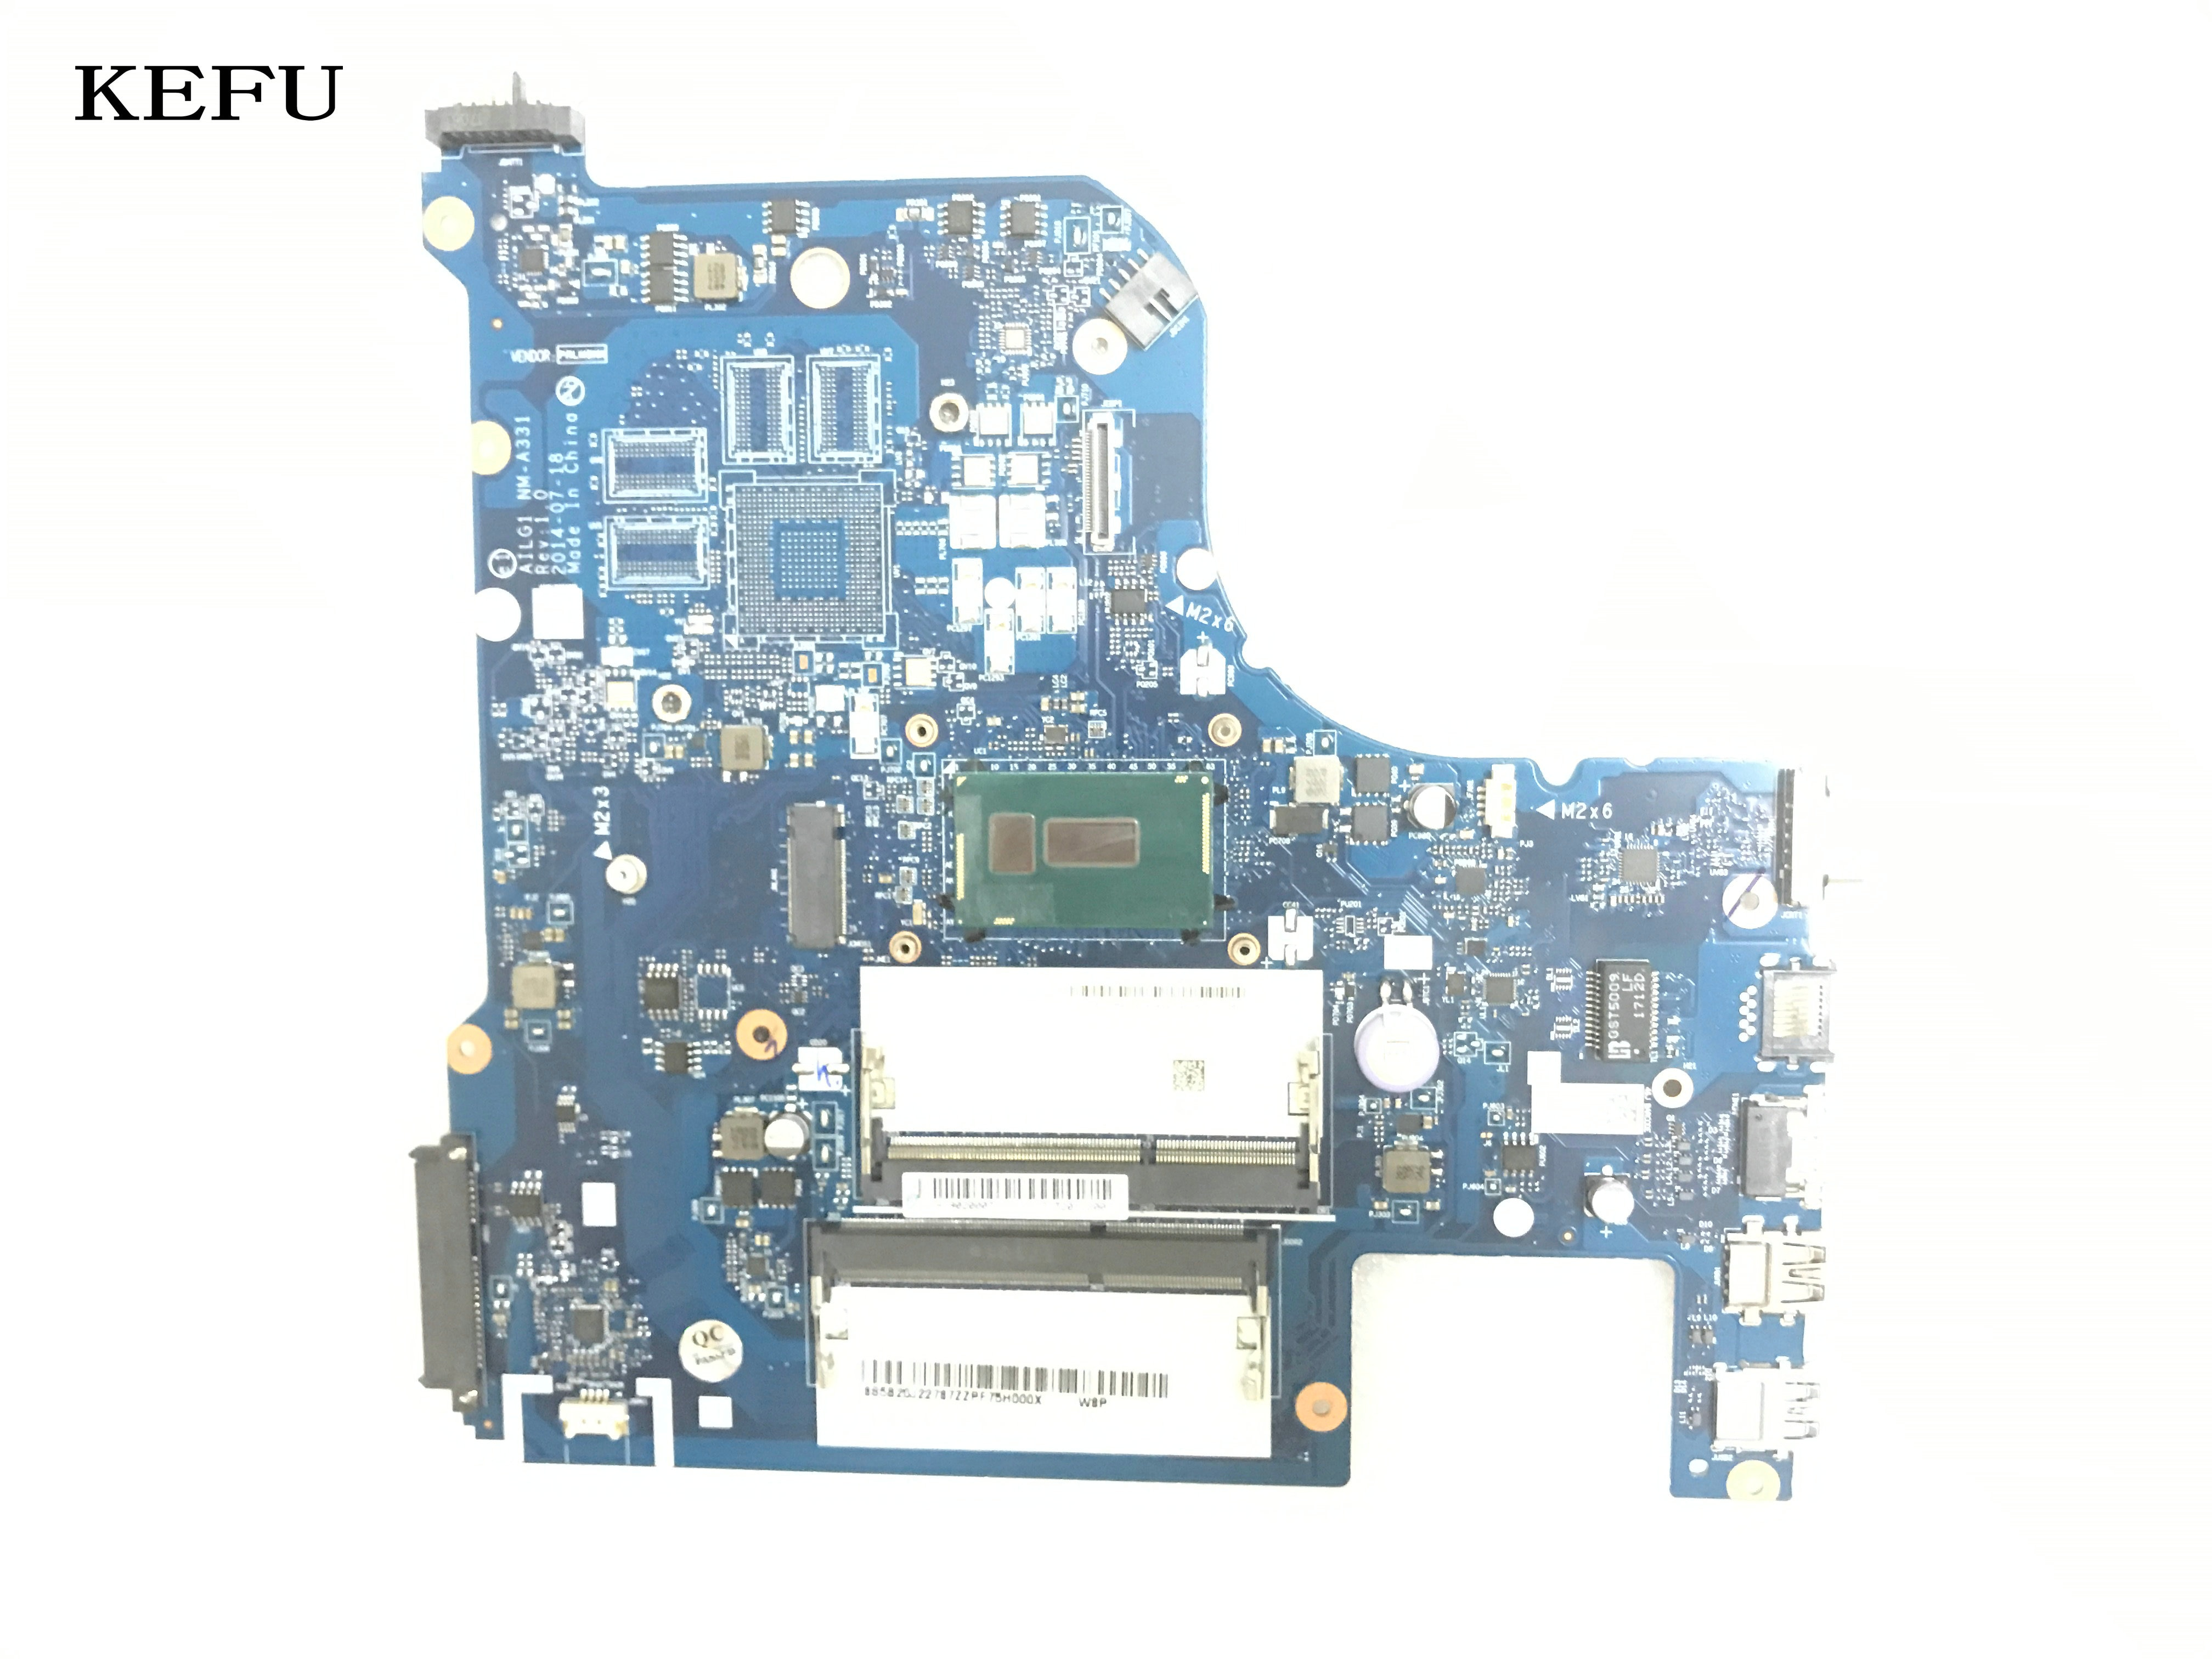 KEFU nueva placa principal AILG1 NM-A331 para LENOVO G70-80 ordenador portátil placa madre procesador integrado i3